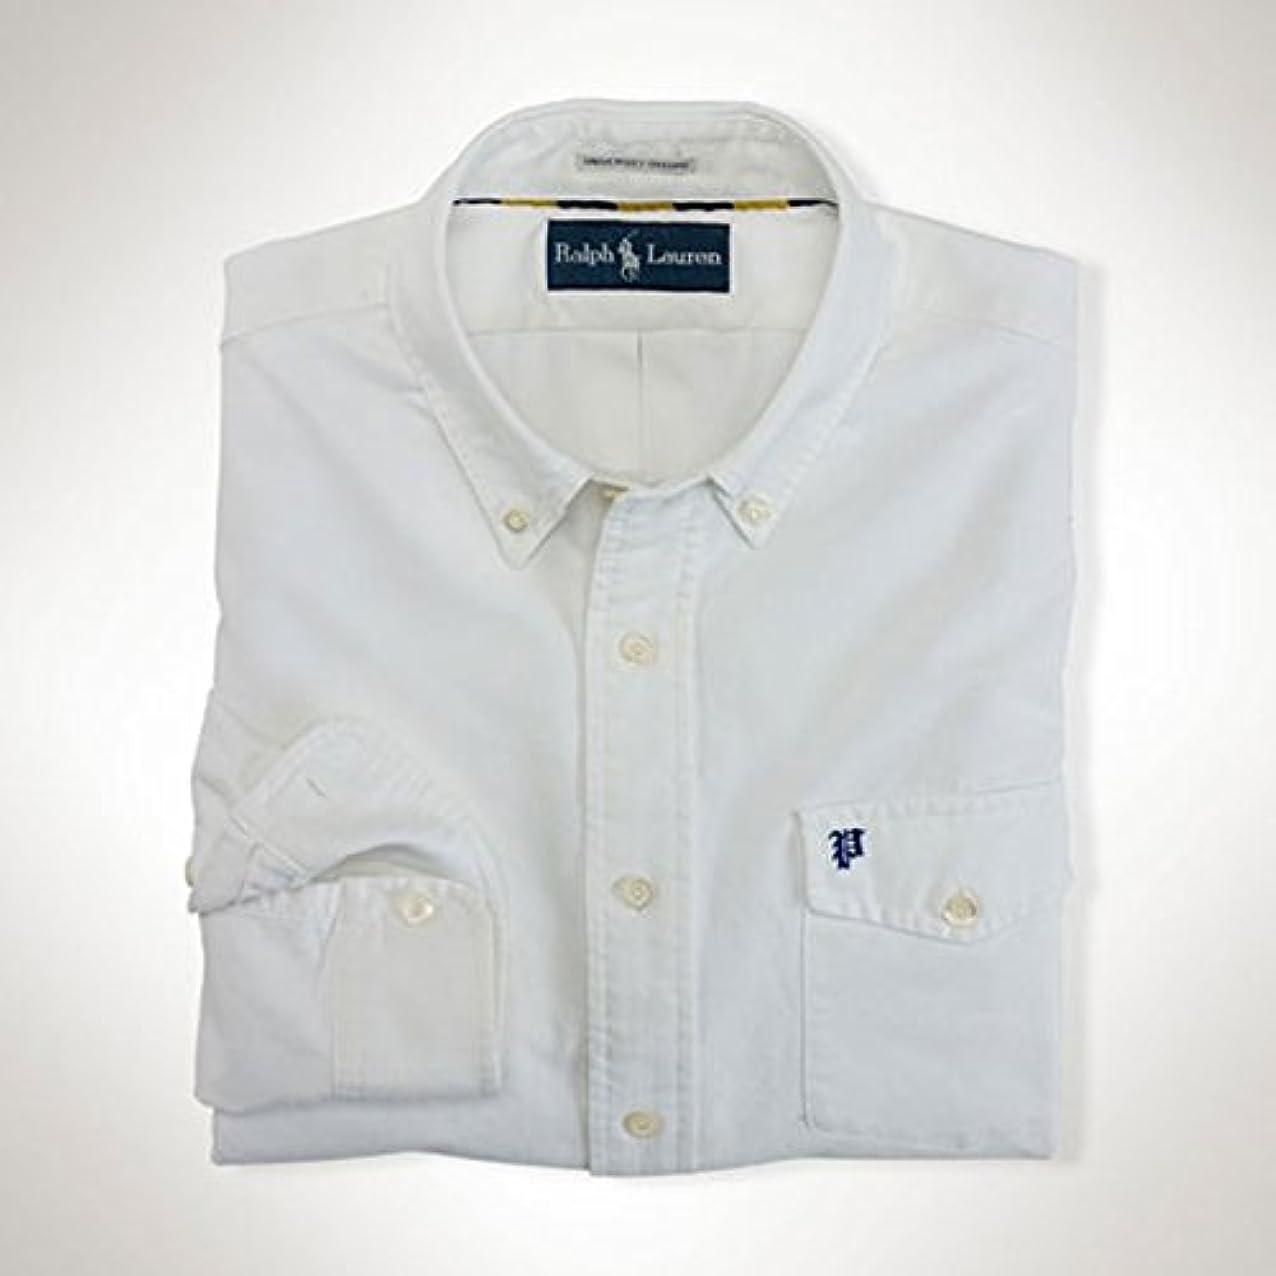 バトル蚊楽観的[ポロ ラルフローレン] POLO RALPH LAUREN 正規品 メンズ 長袖シャツ Custom Monogram Oxford Shirt 並行輸入品 (コード:4074890501)